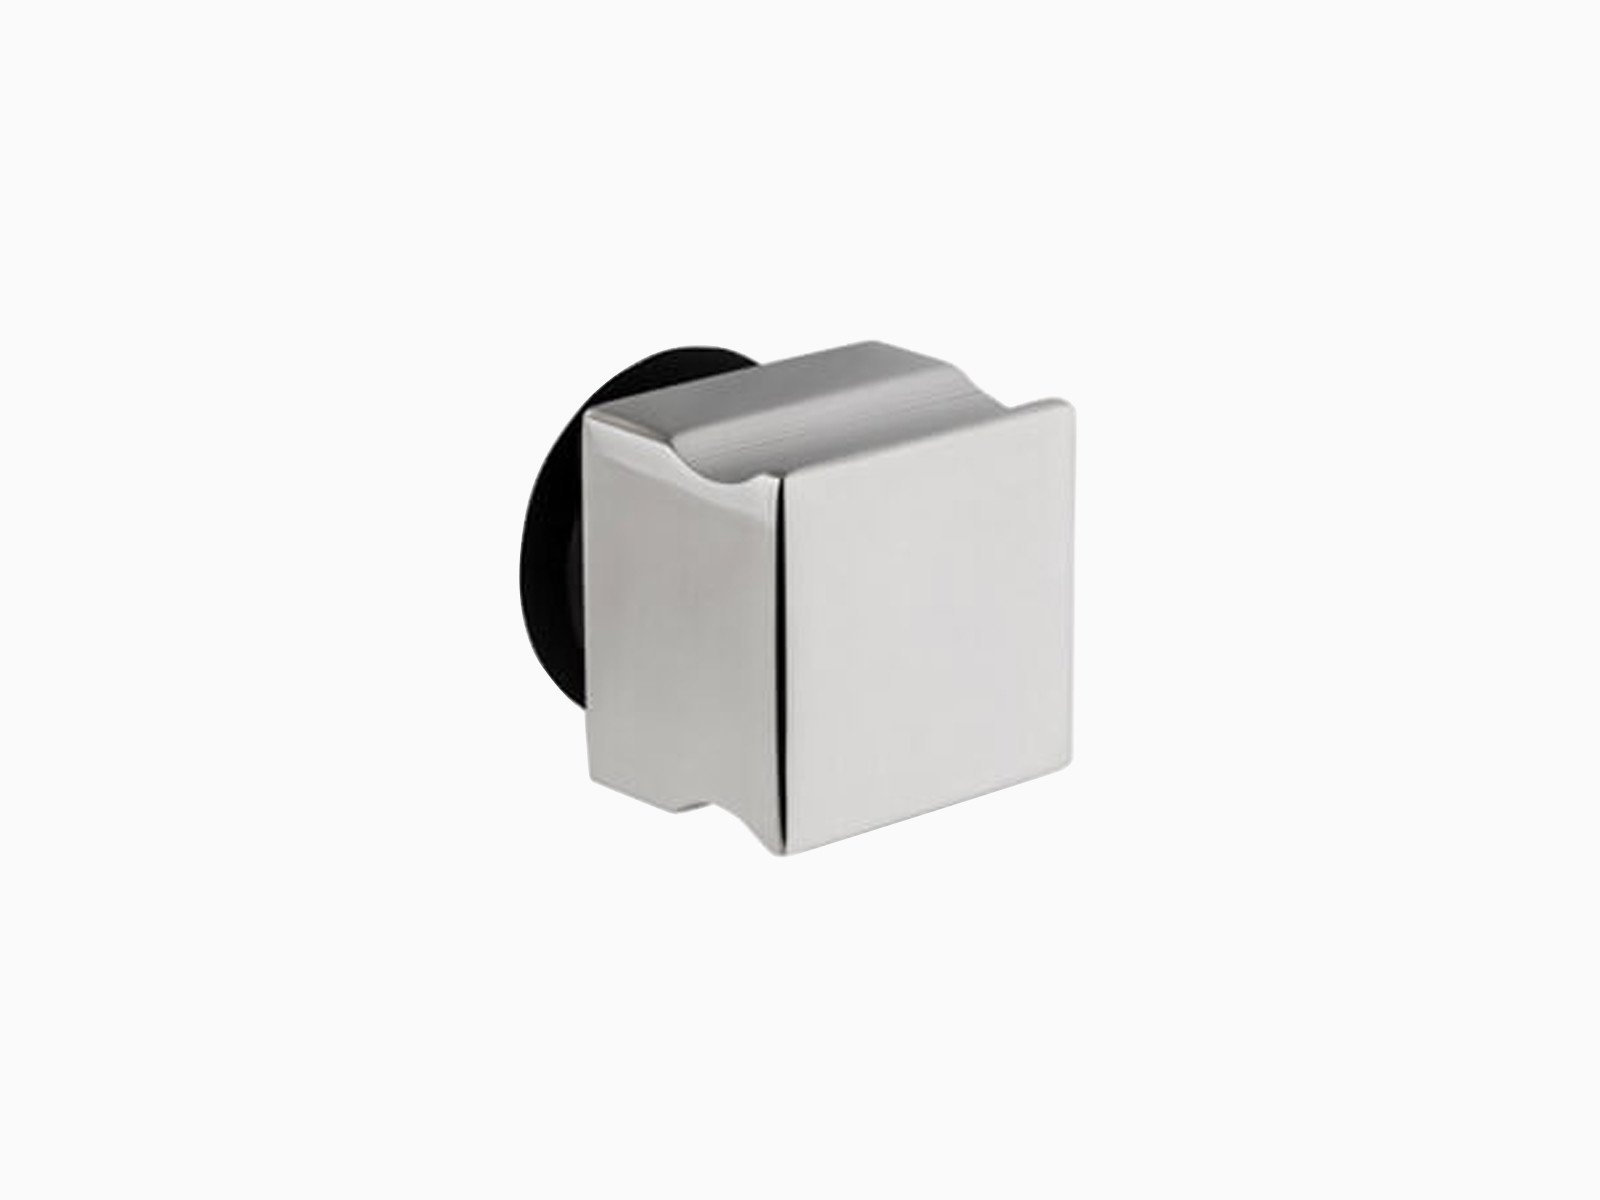 Aussengriff für Glas in quadratischer Form in hochglänzendem Edelstahl